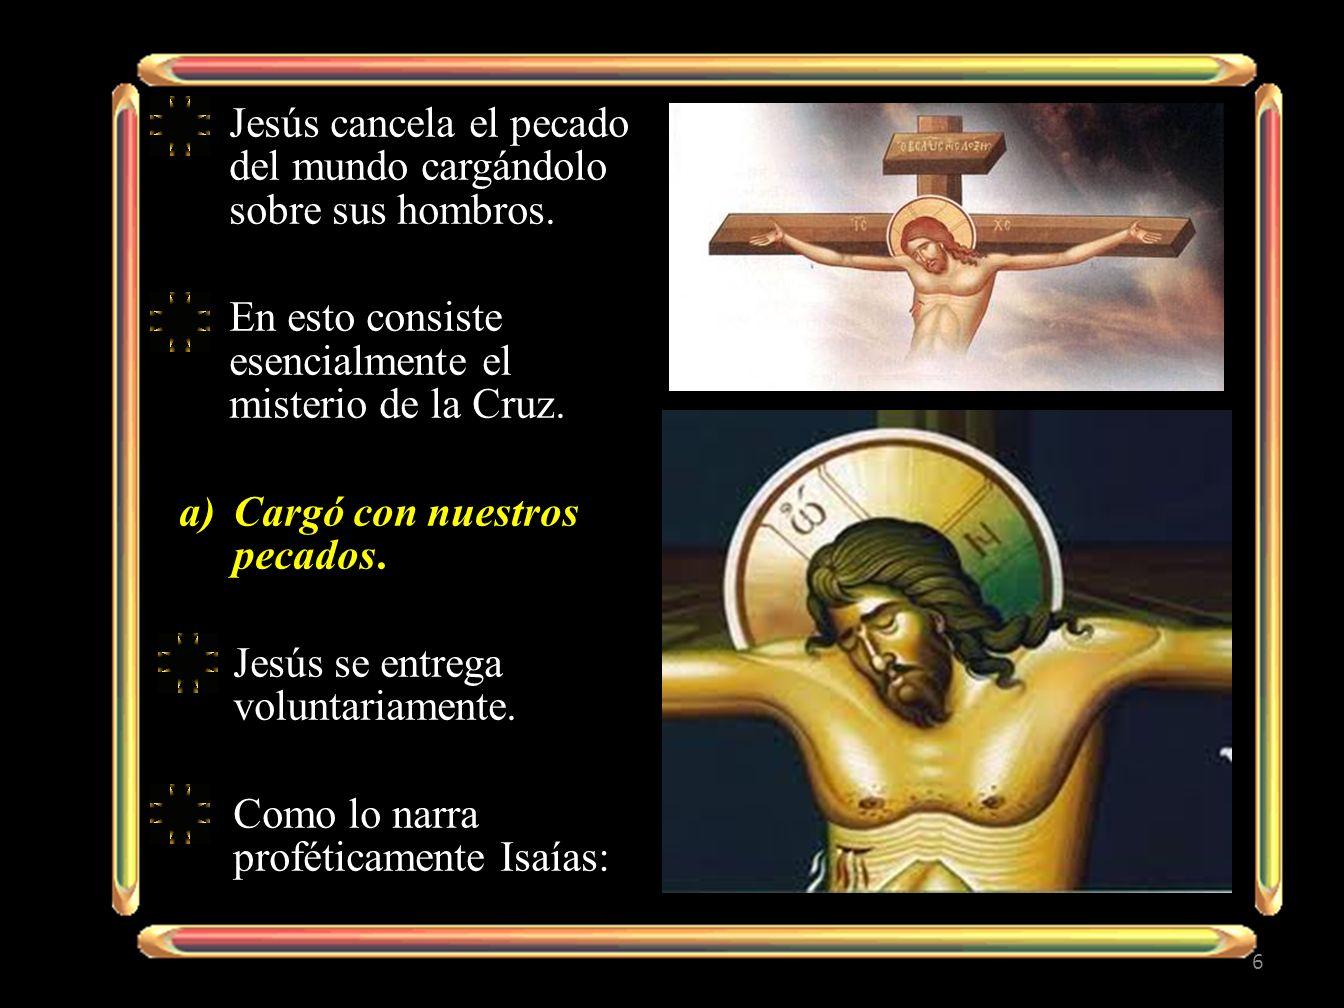 Jesús cancela el pecado del mundo cargándolo sobre sus hombros. En esto consiste esencialmente el misterio de la Cruz. a)Cargó con nuestros pecados. J